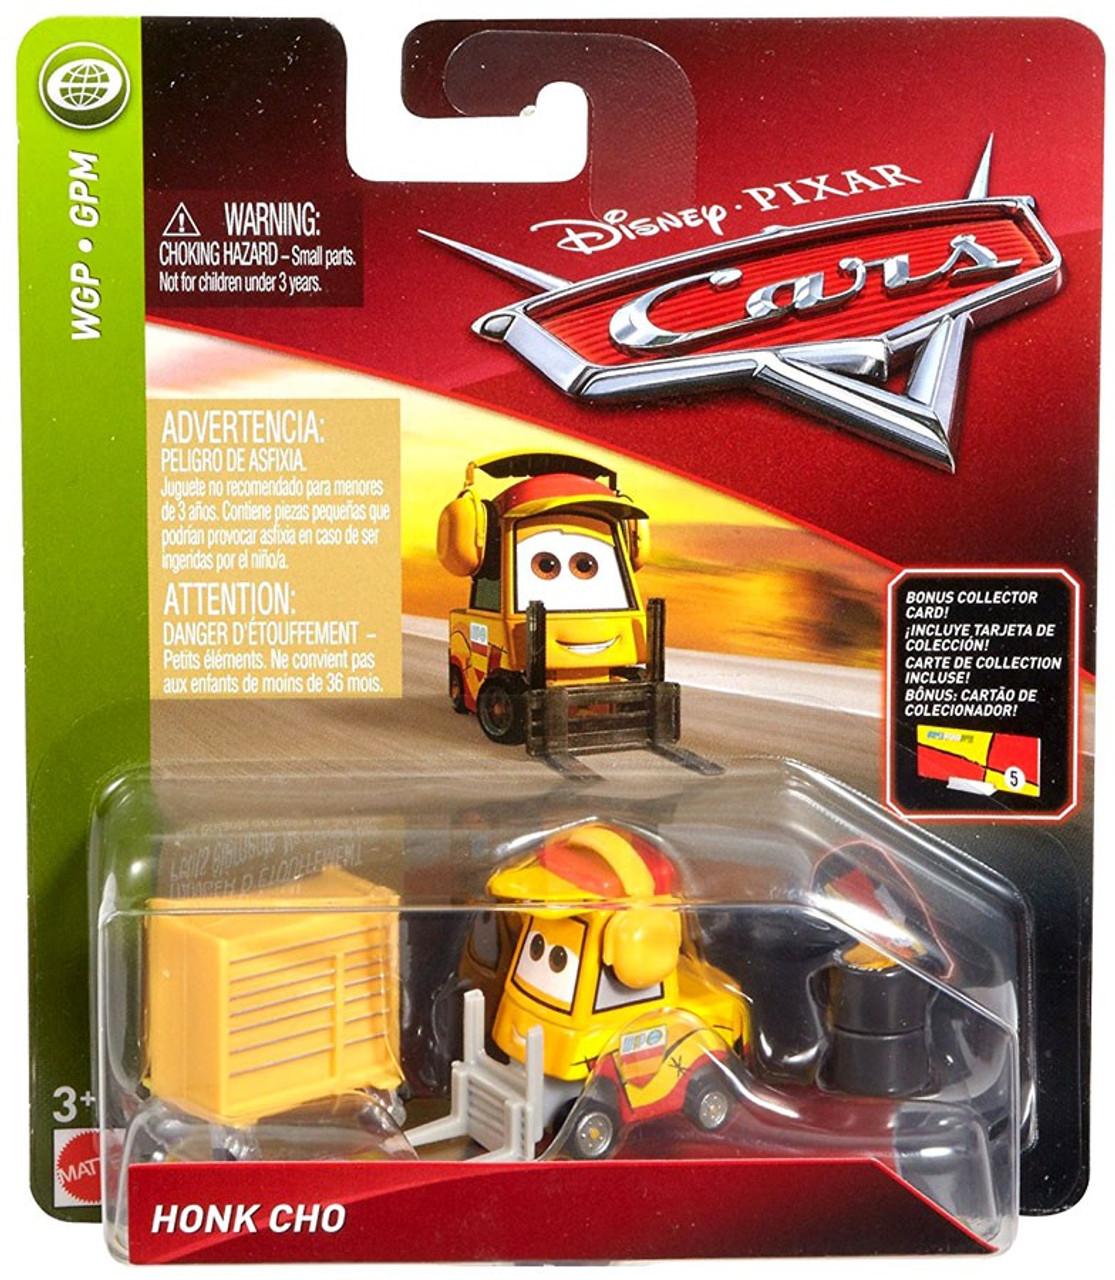 Disney Pixar Cars Cars 3 Wgp Honk Cho 155 Diecast Car Bonus